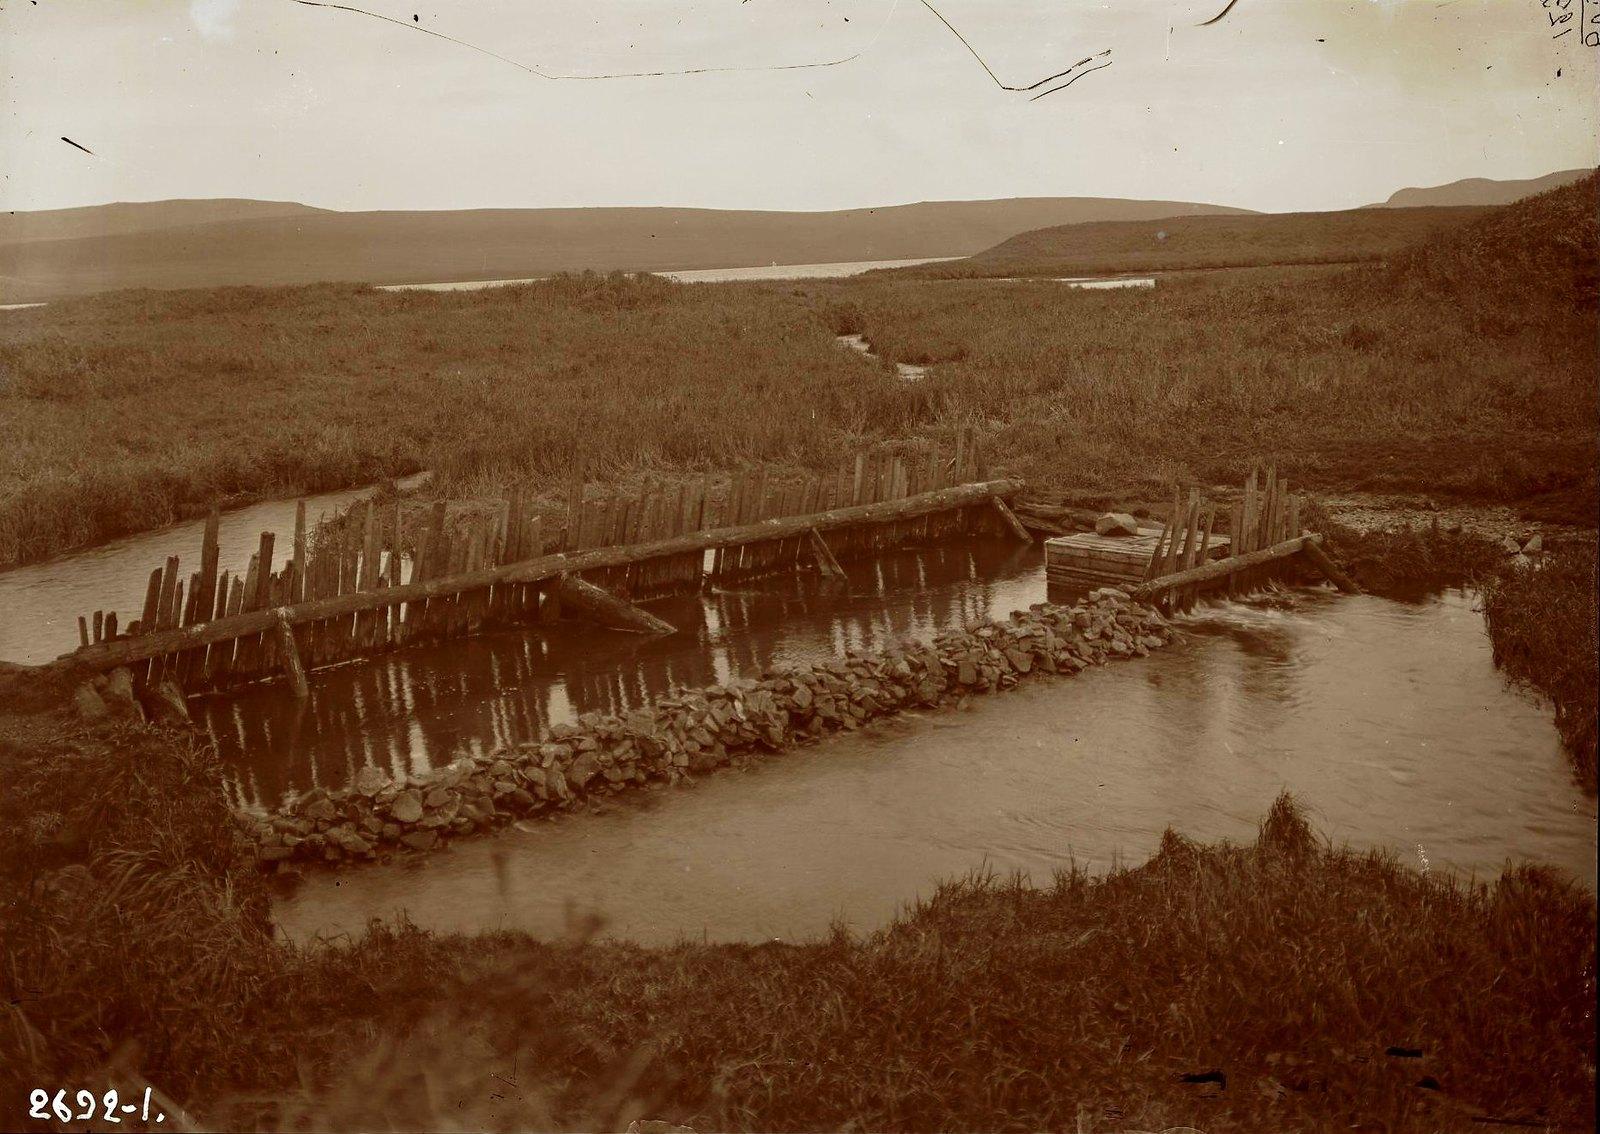 1909. Запор речки. Алеутские острова, Умнак остров, с. Никольское. 8 октября